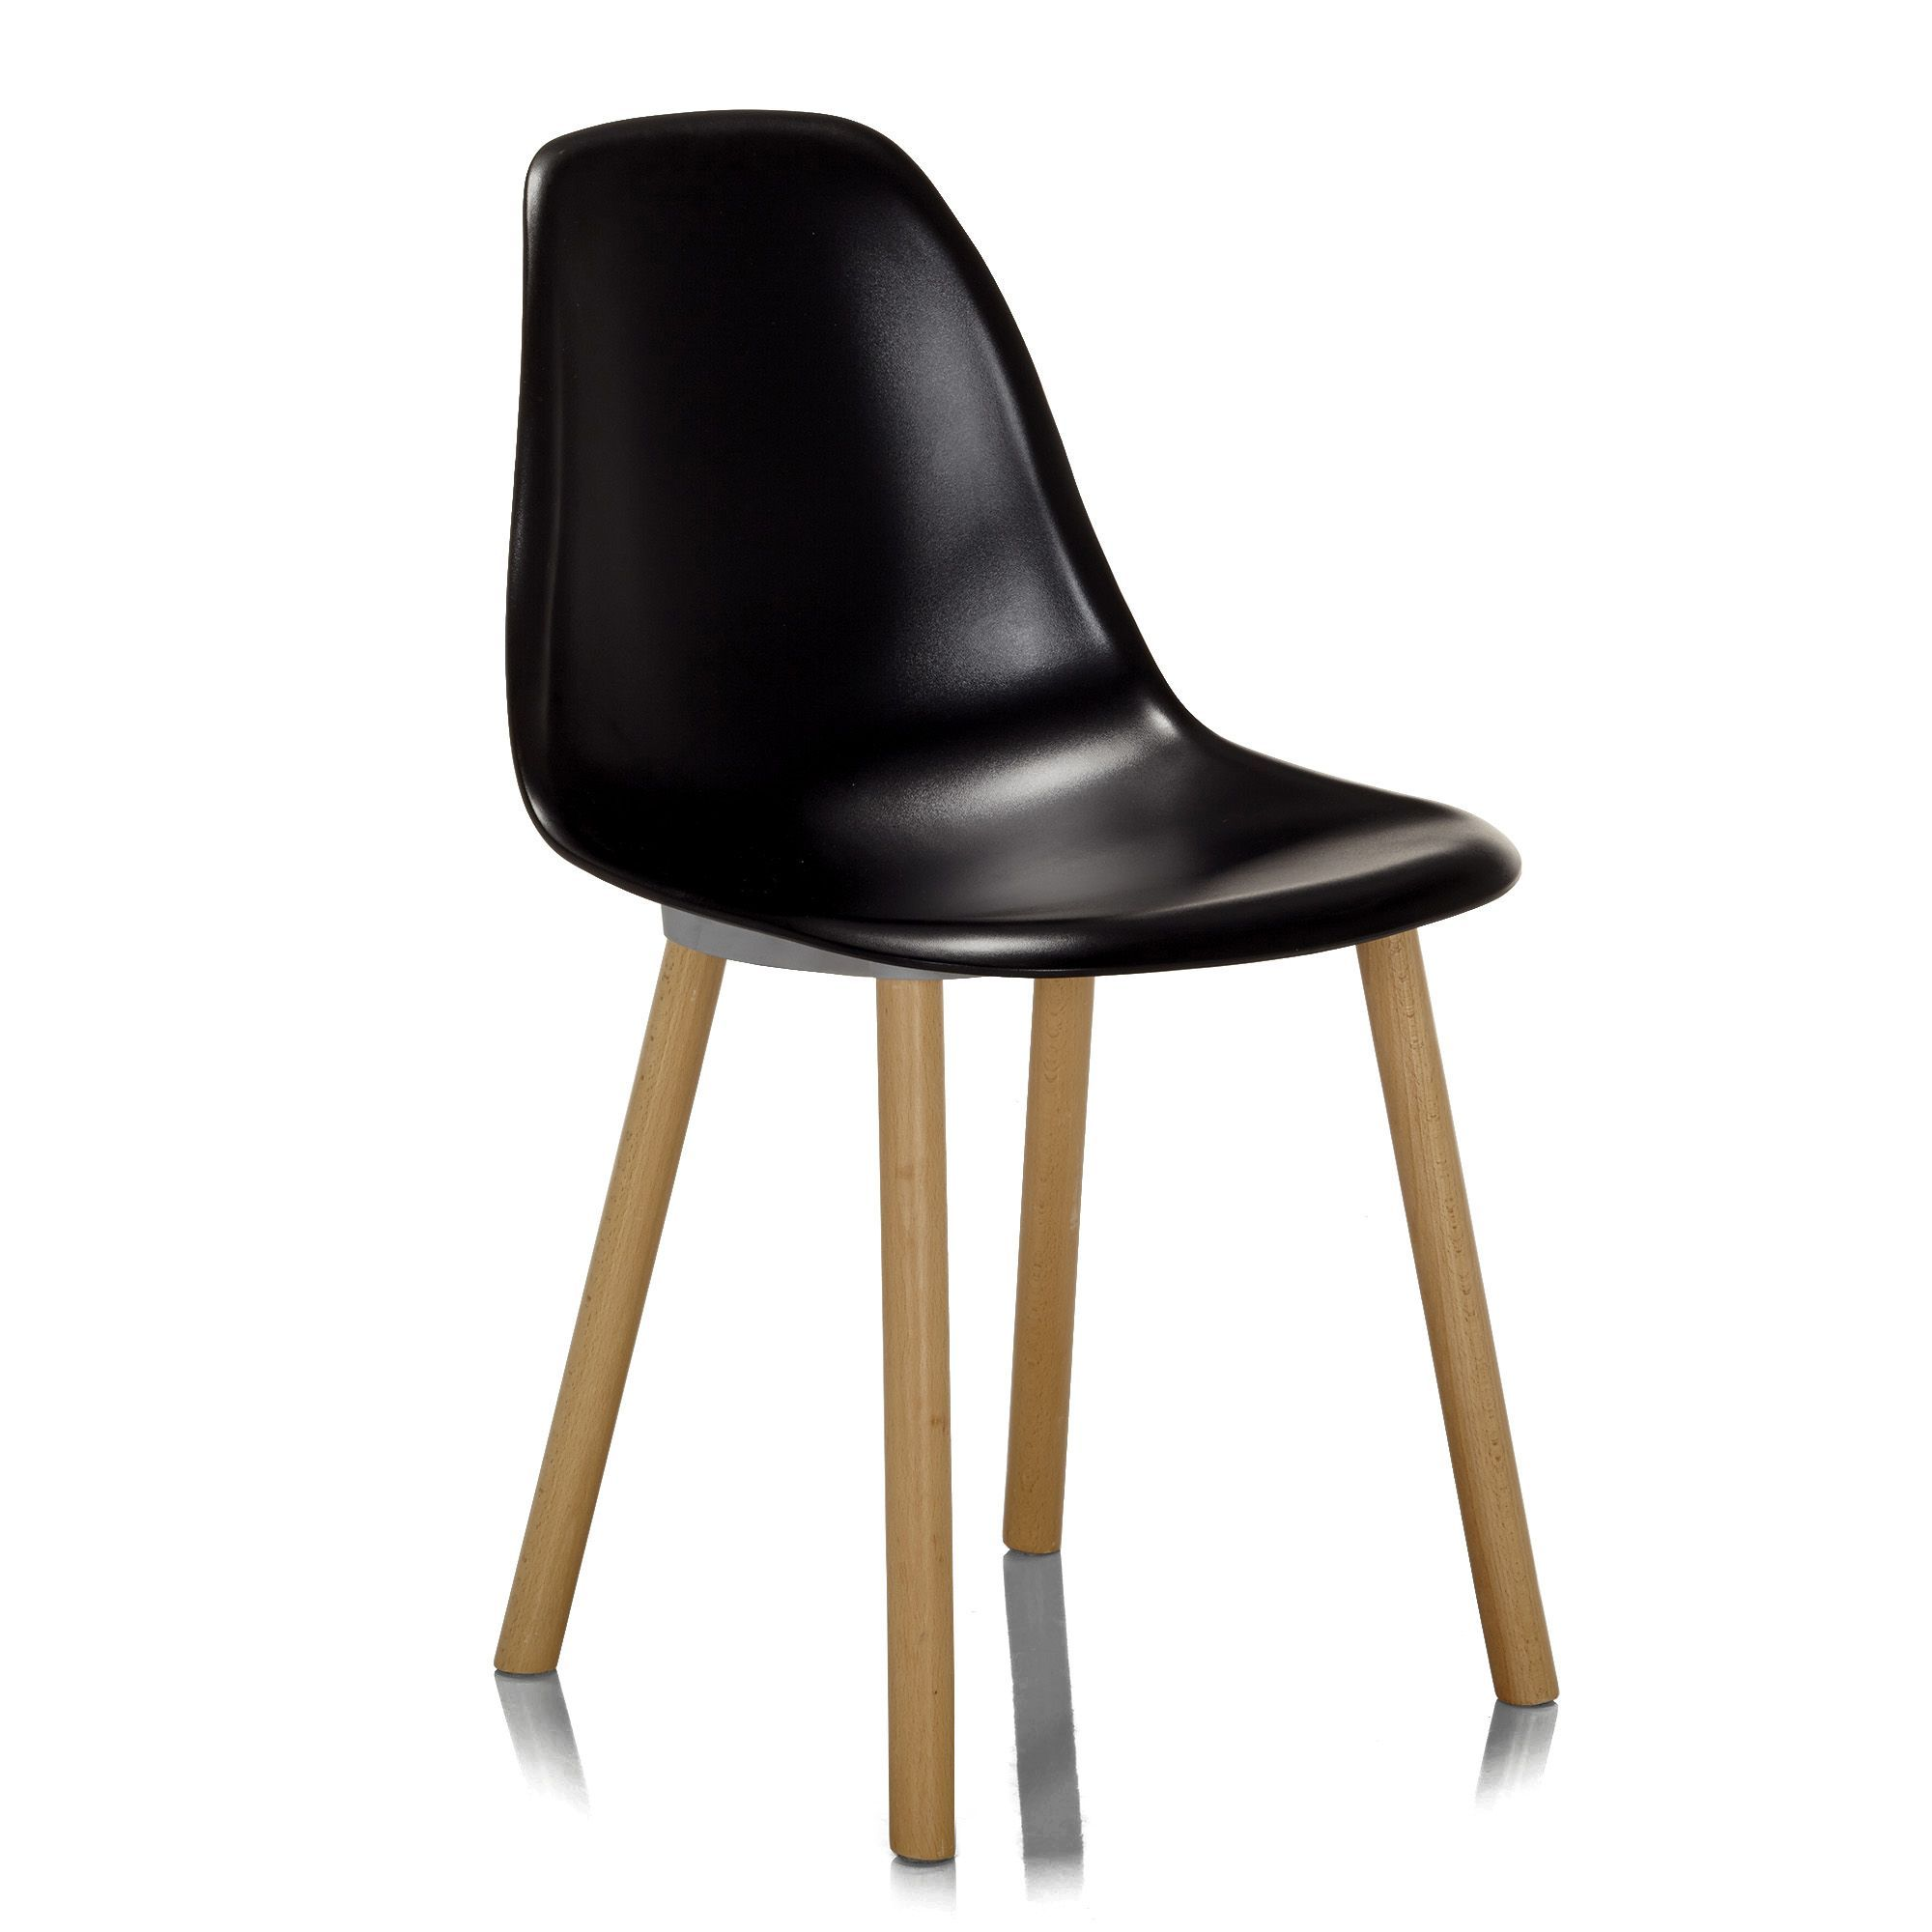 Chaise noire avec pi tement en bois design scandinave noir for Chaise noir salon